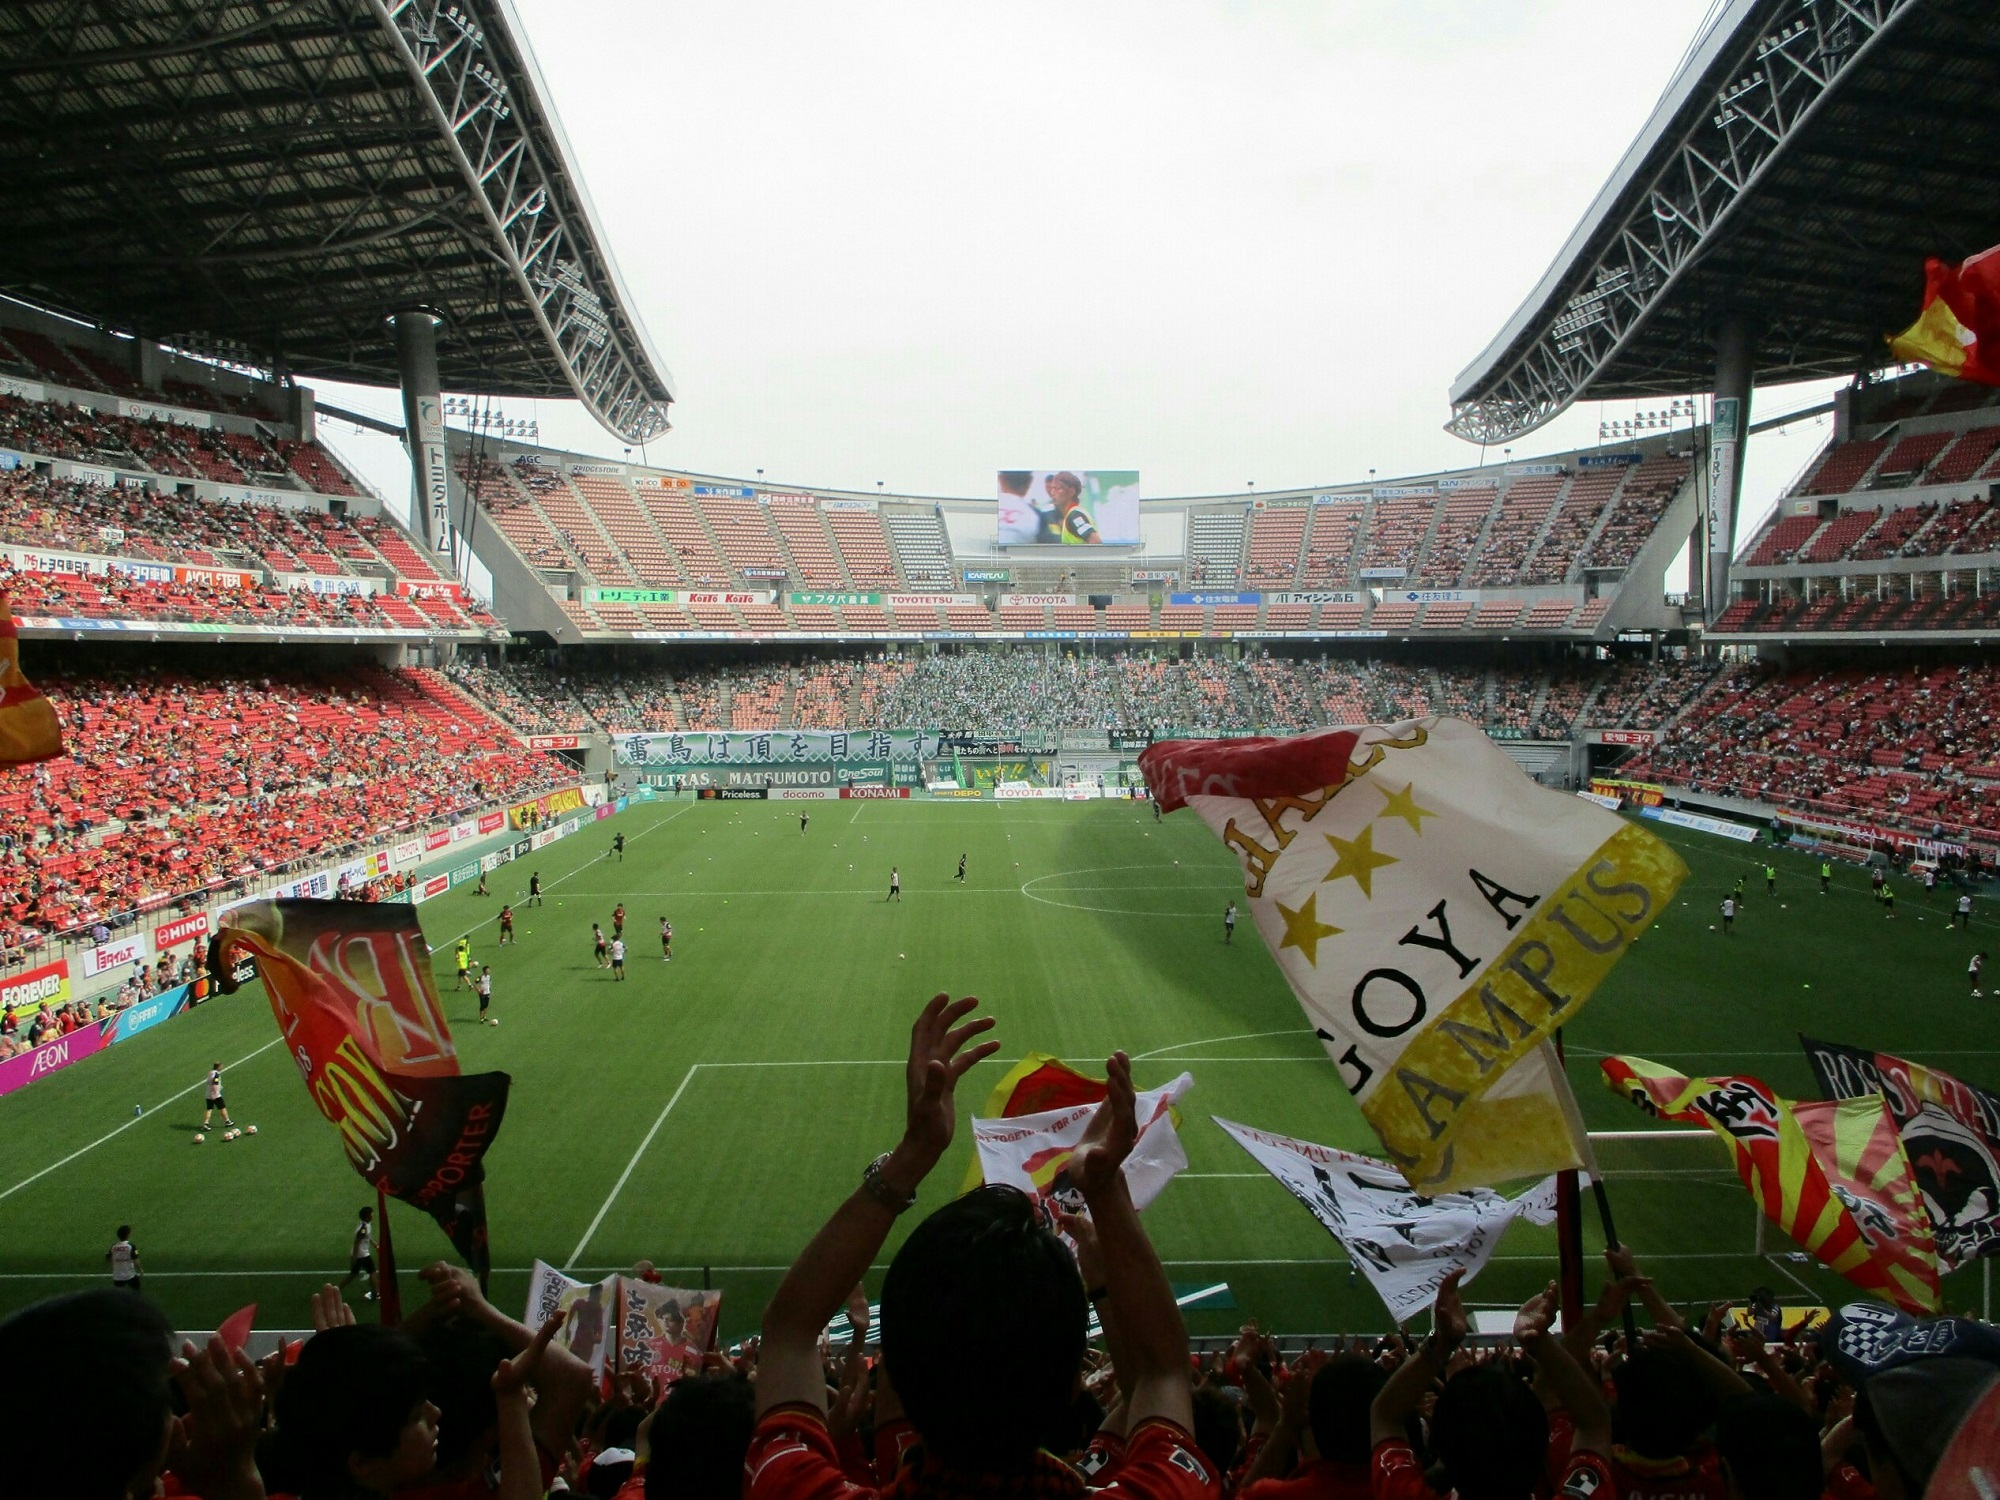 2019.5.26 (43) 豊田スタジアム - グランパスたい山雅 2000-1500